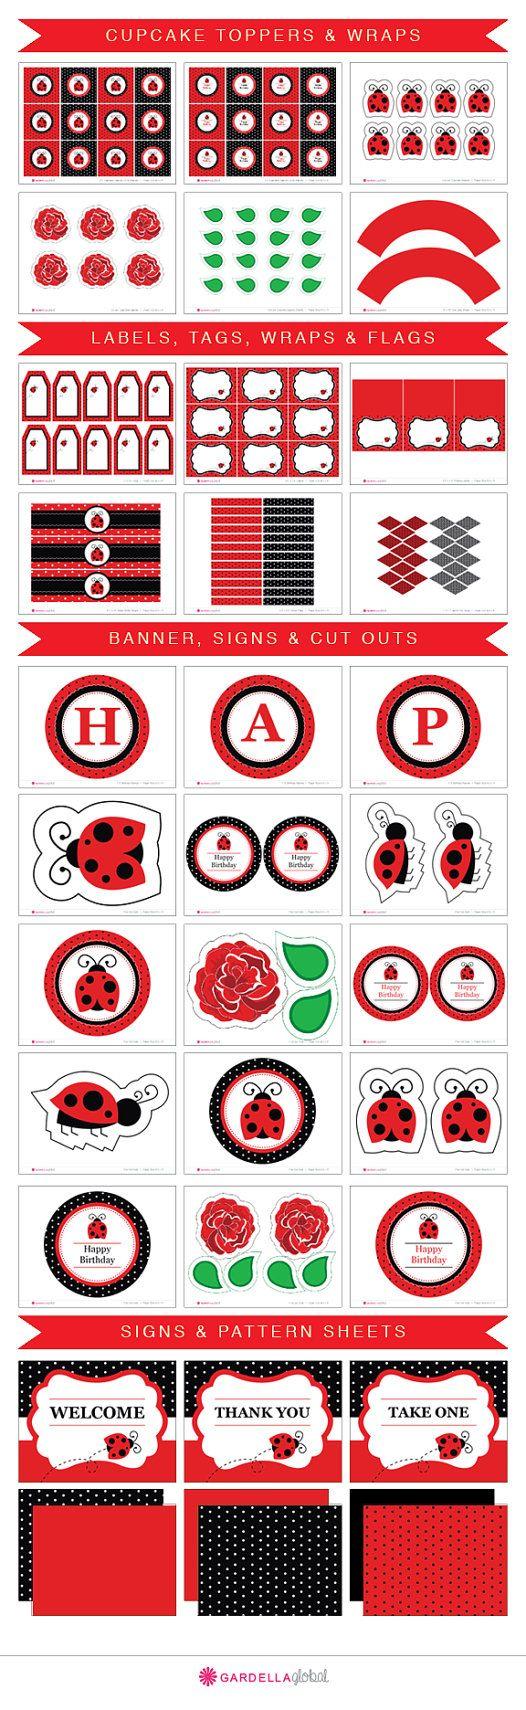 Ladybug Invitation Ladybug invite Ladybug por GardellaGlobal